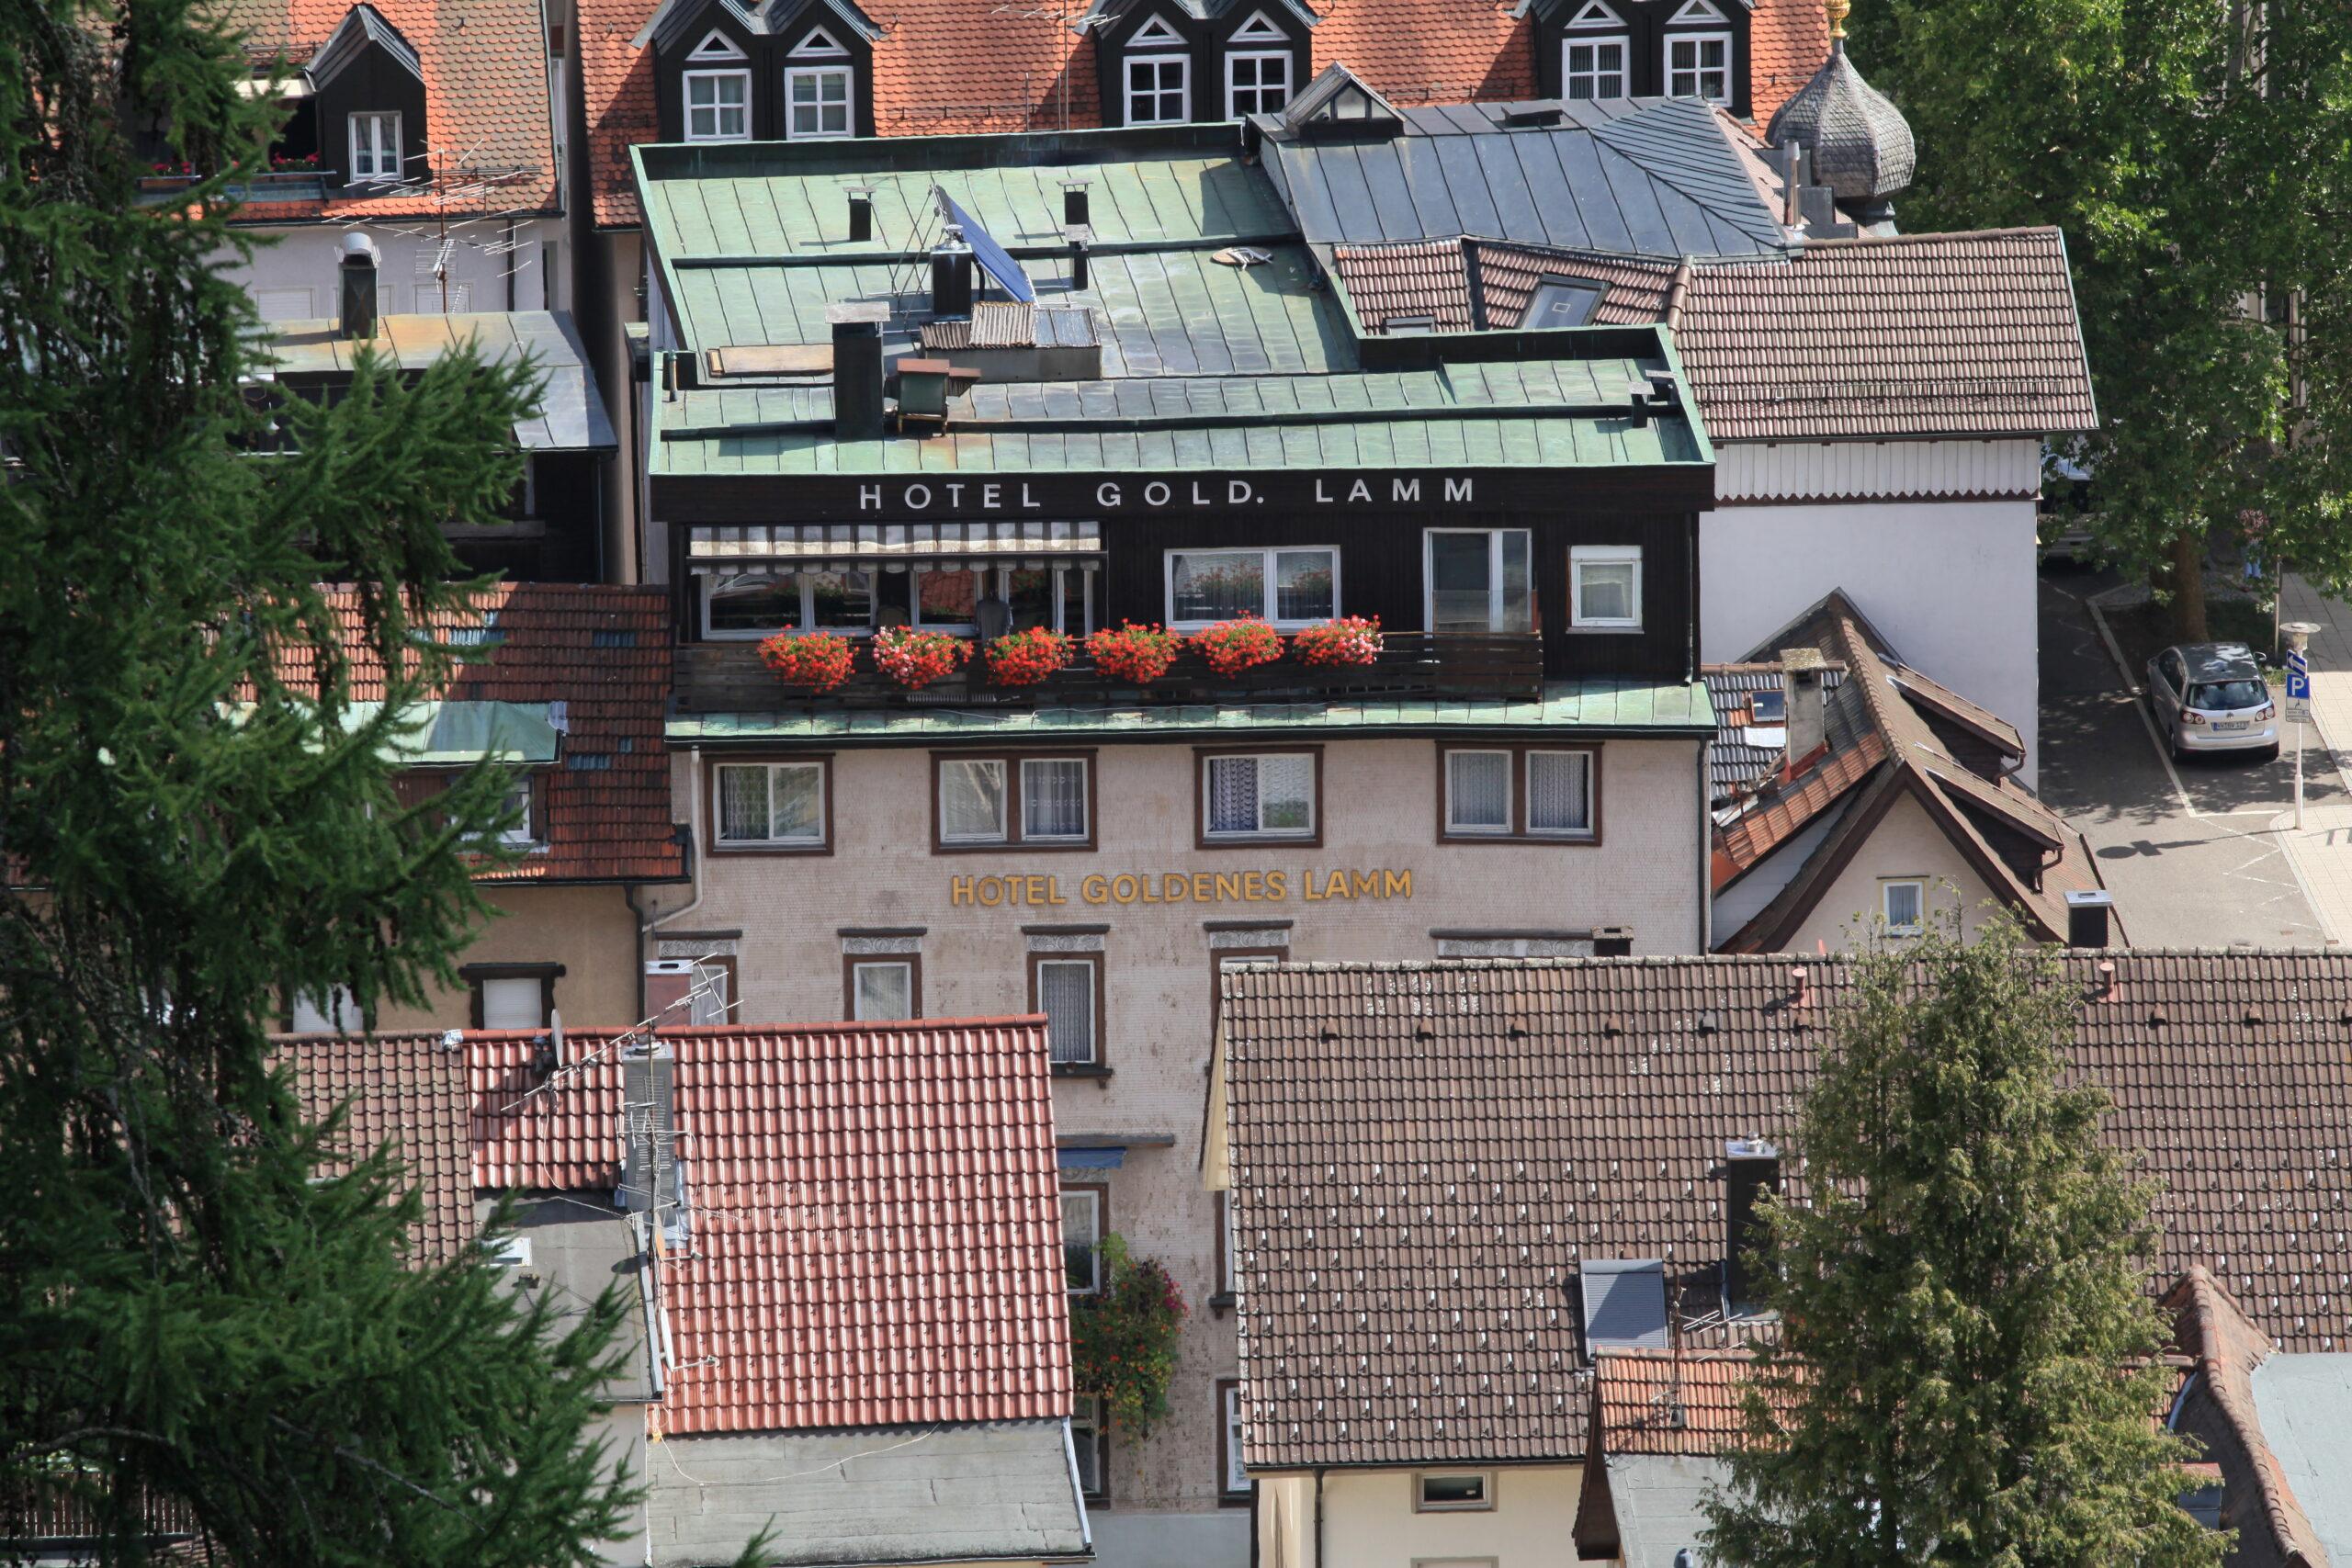 Full Size of Bad Wildbad Hotel Filebad Goldenes Lamm Panoramastrae 01 Iesjpg Reichenhall Pension Ferienwohnung Nauheim Landhausstil Aibling Körbe Für Badezimmer Griesbach Bad Bad Wildbad Hotel